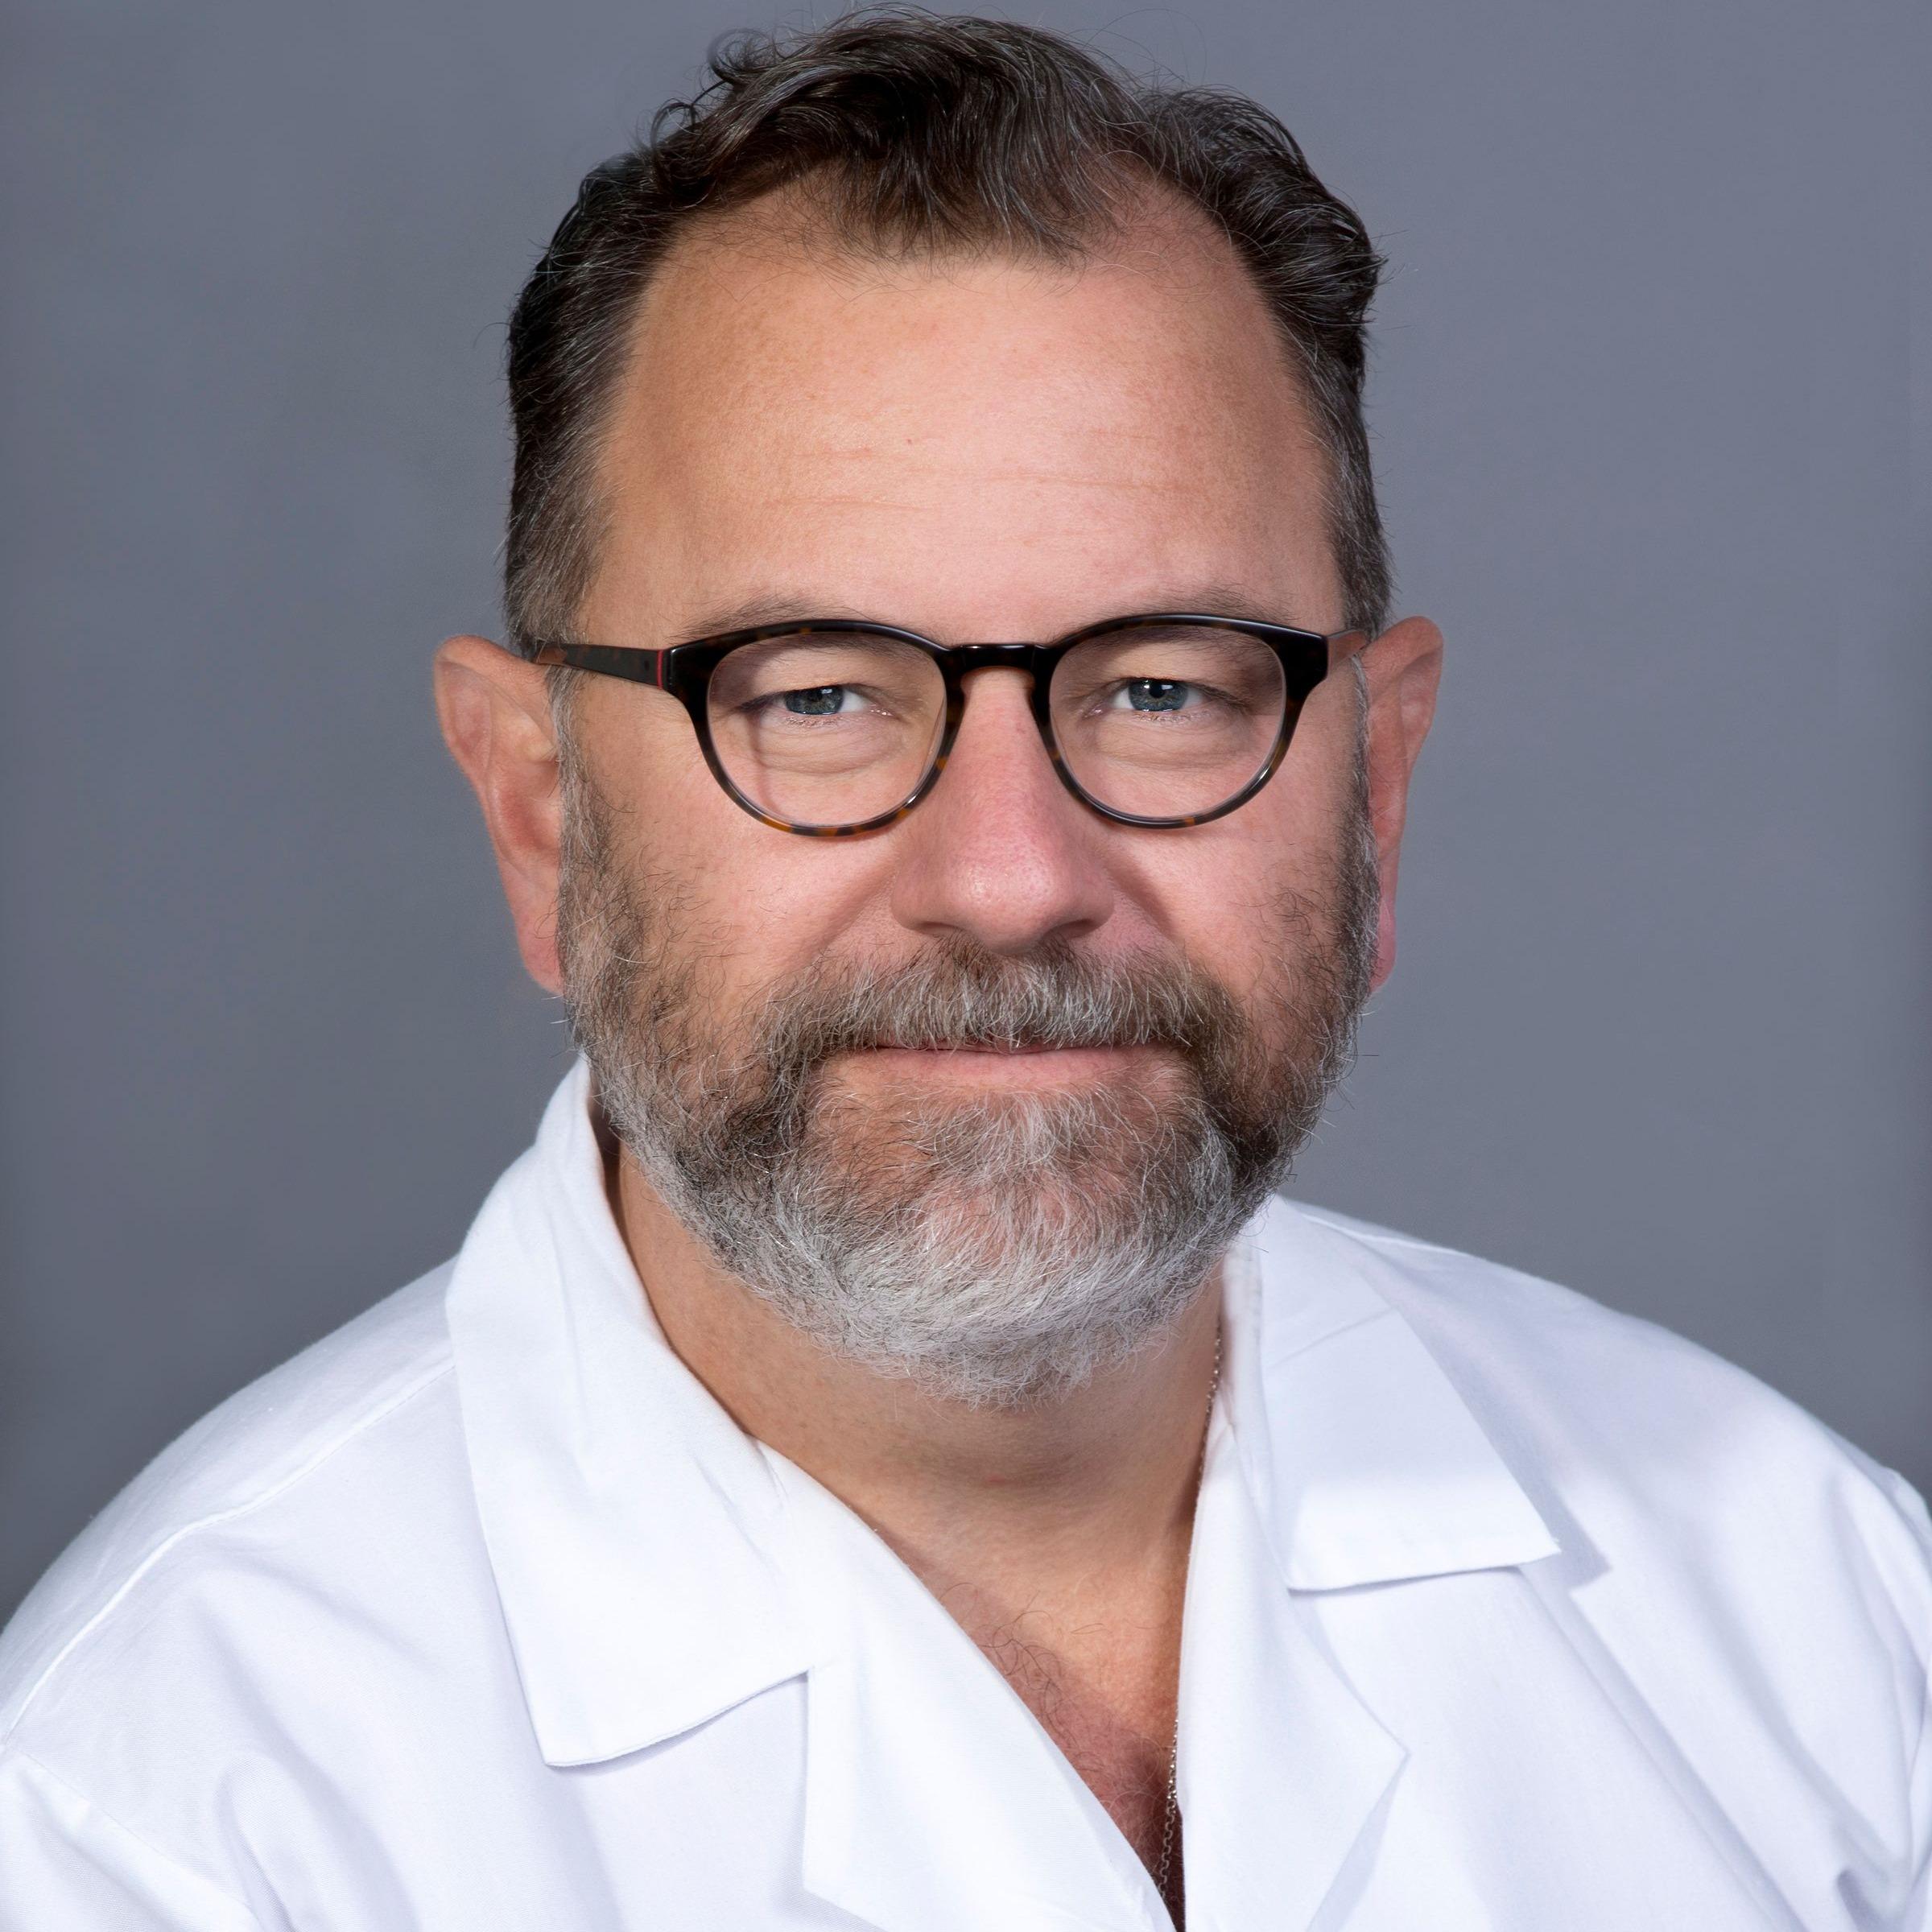 Natan Haratz-Rubinstein